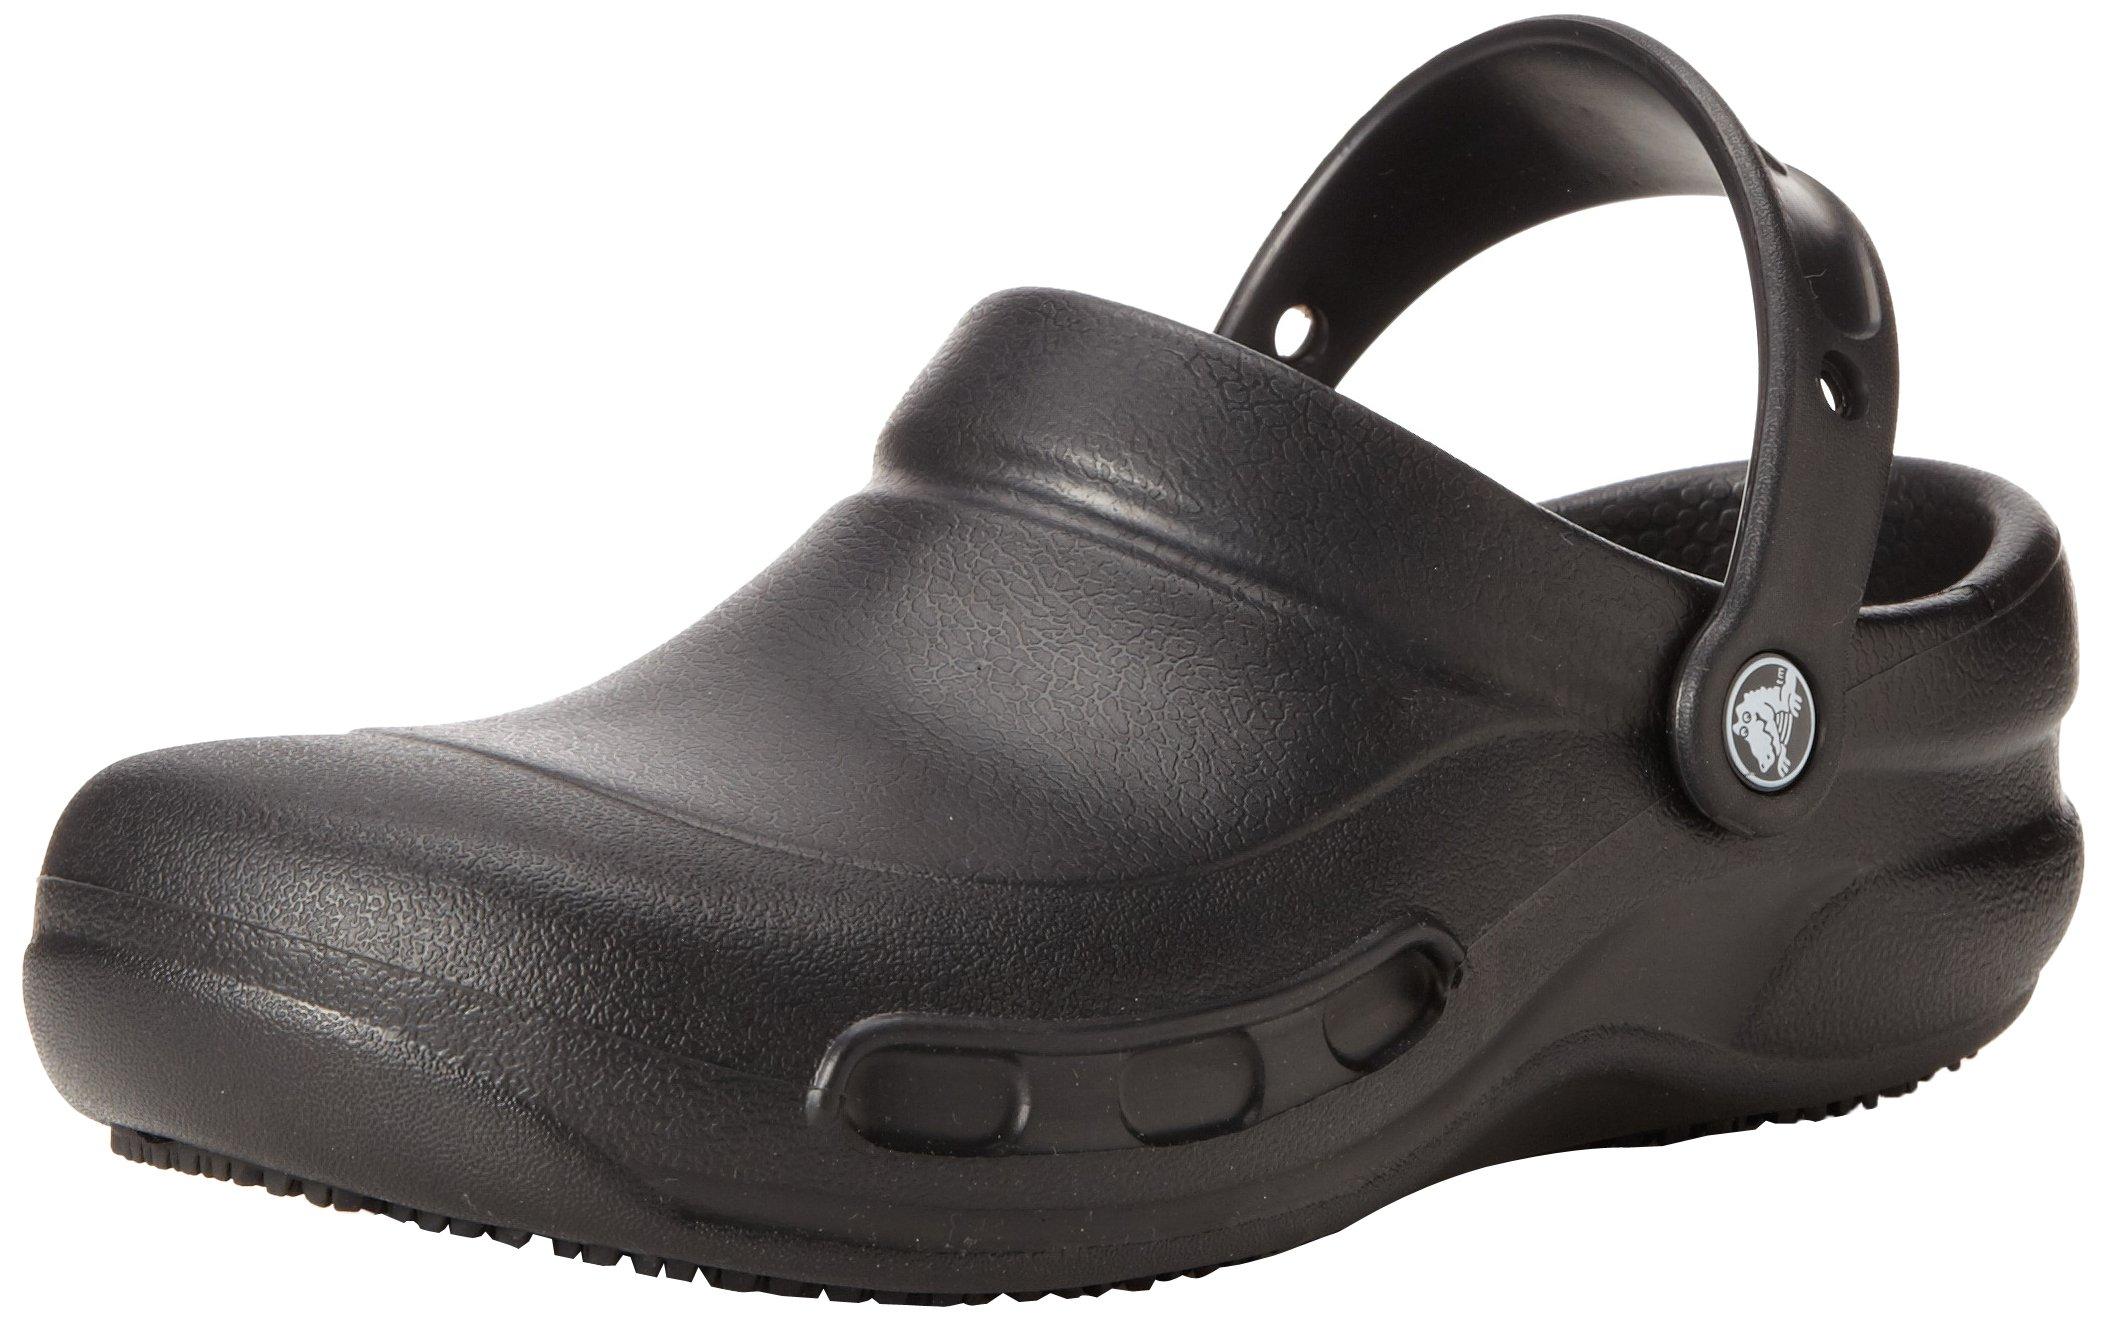 Crocs Unisex Bistro Work Clog, Black, 6 US Men's / 8 US Women's